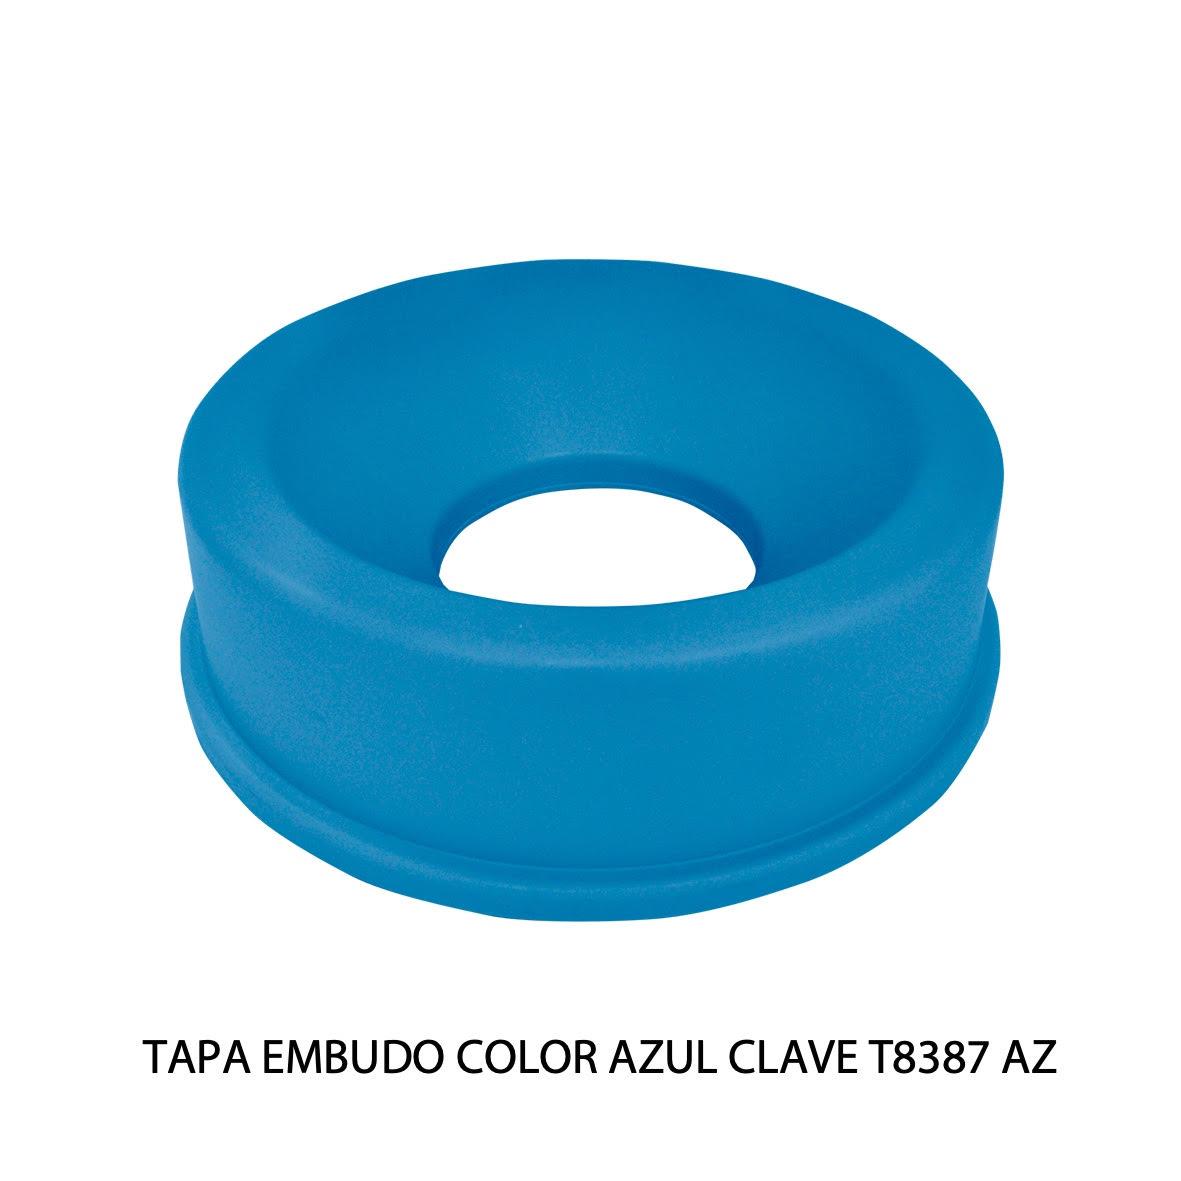 Tapa embudo color azul clave T8387 AZ de Sablón